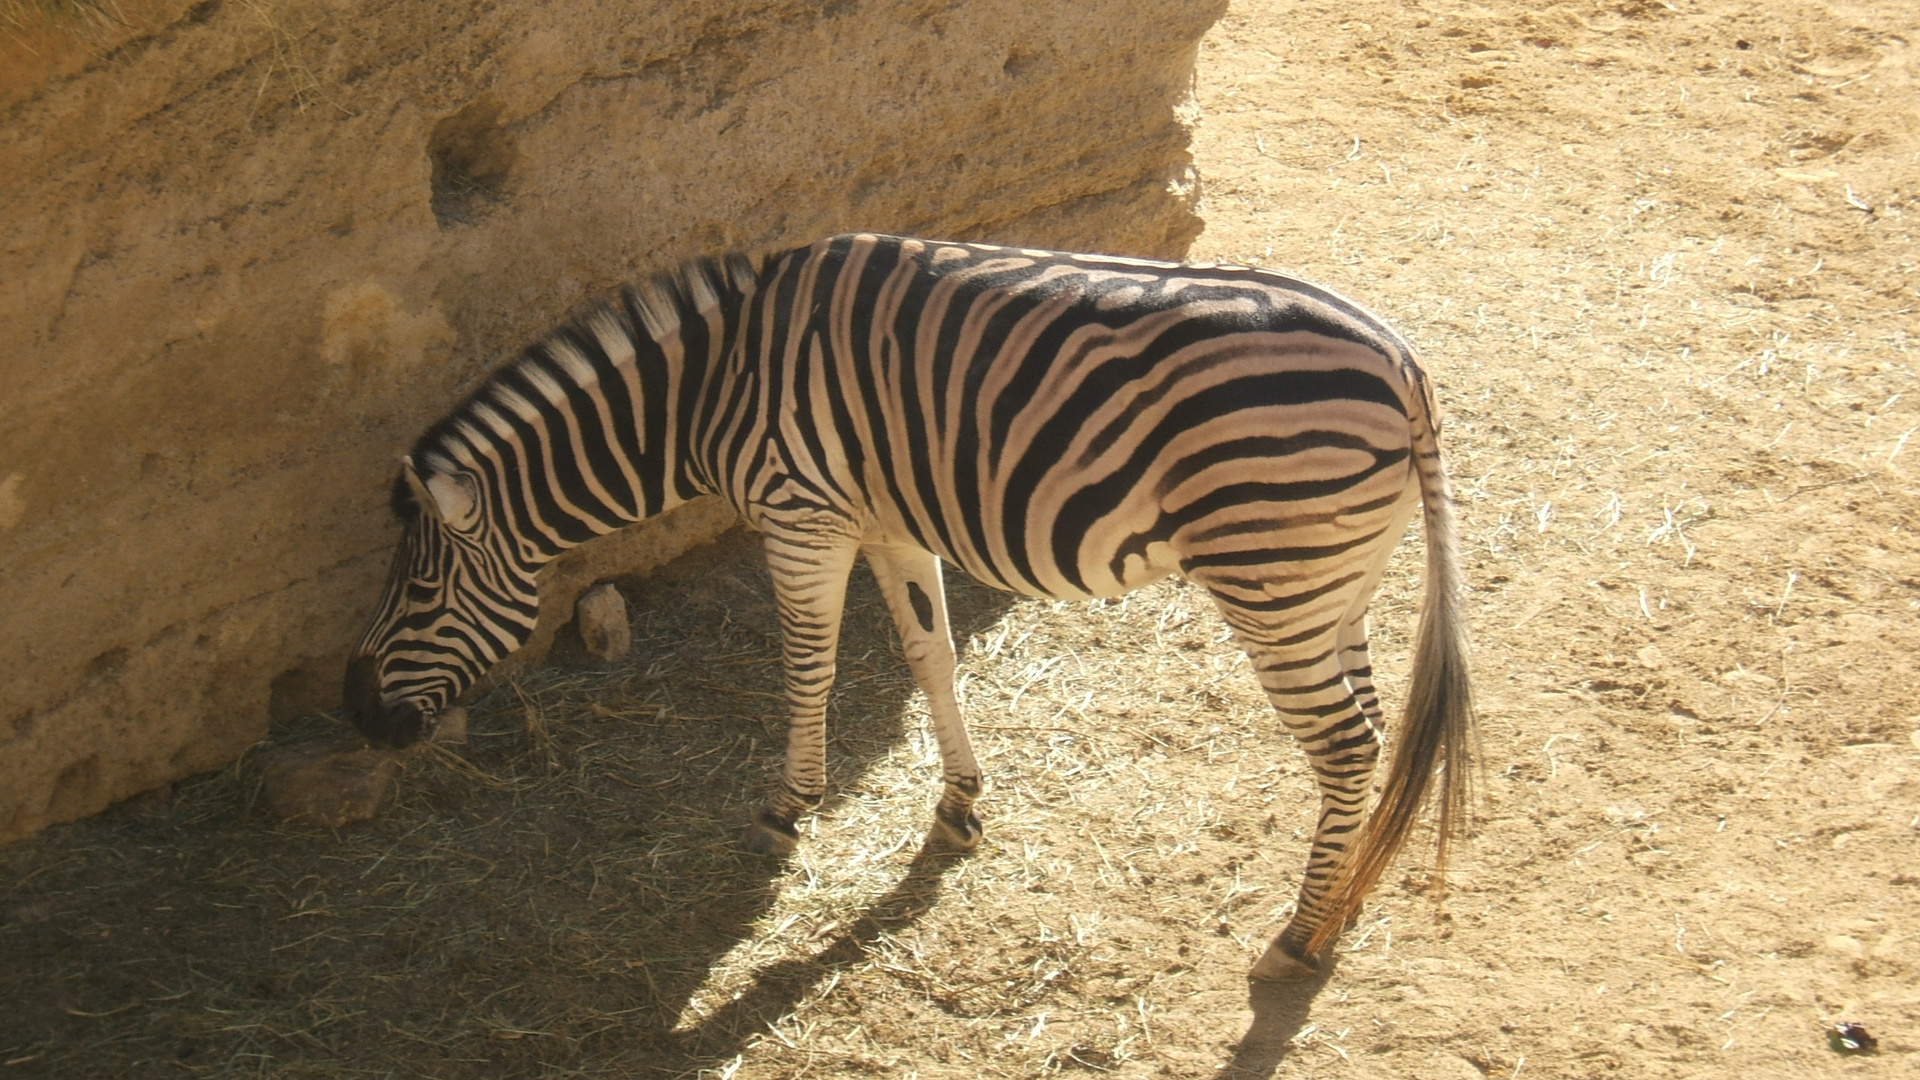 C'est beau un zebre